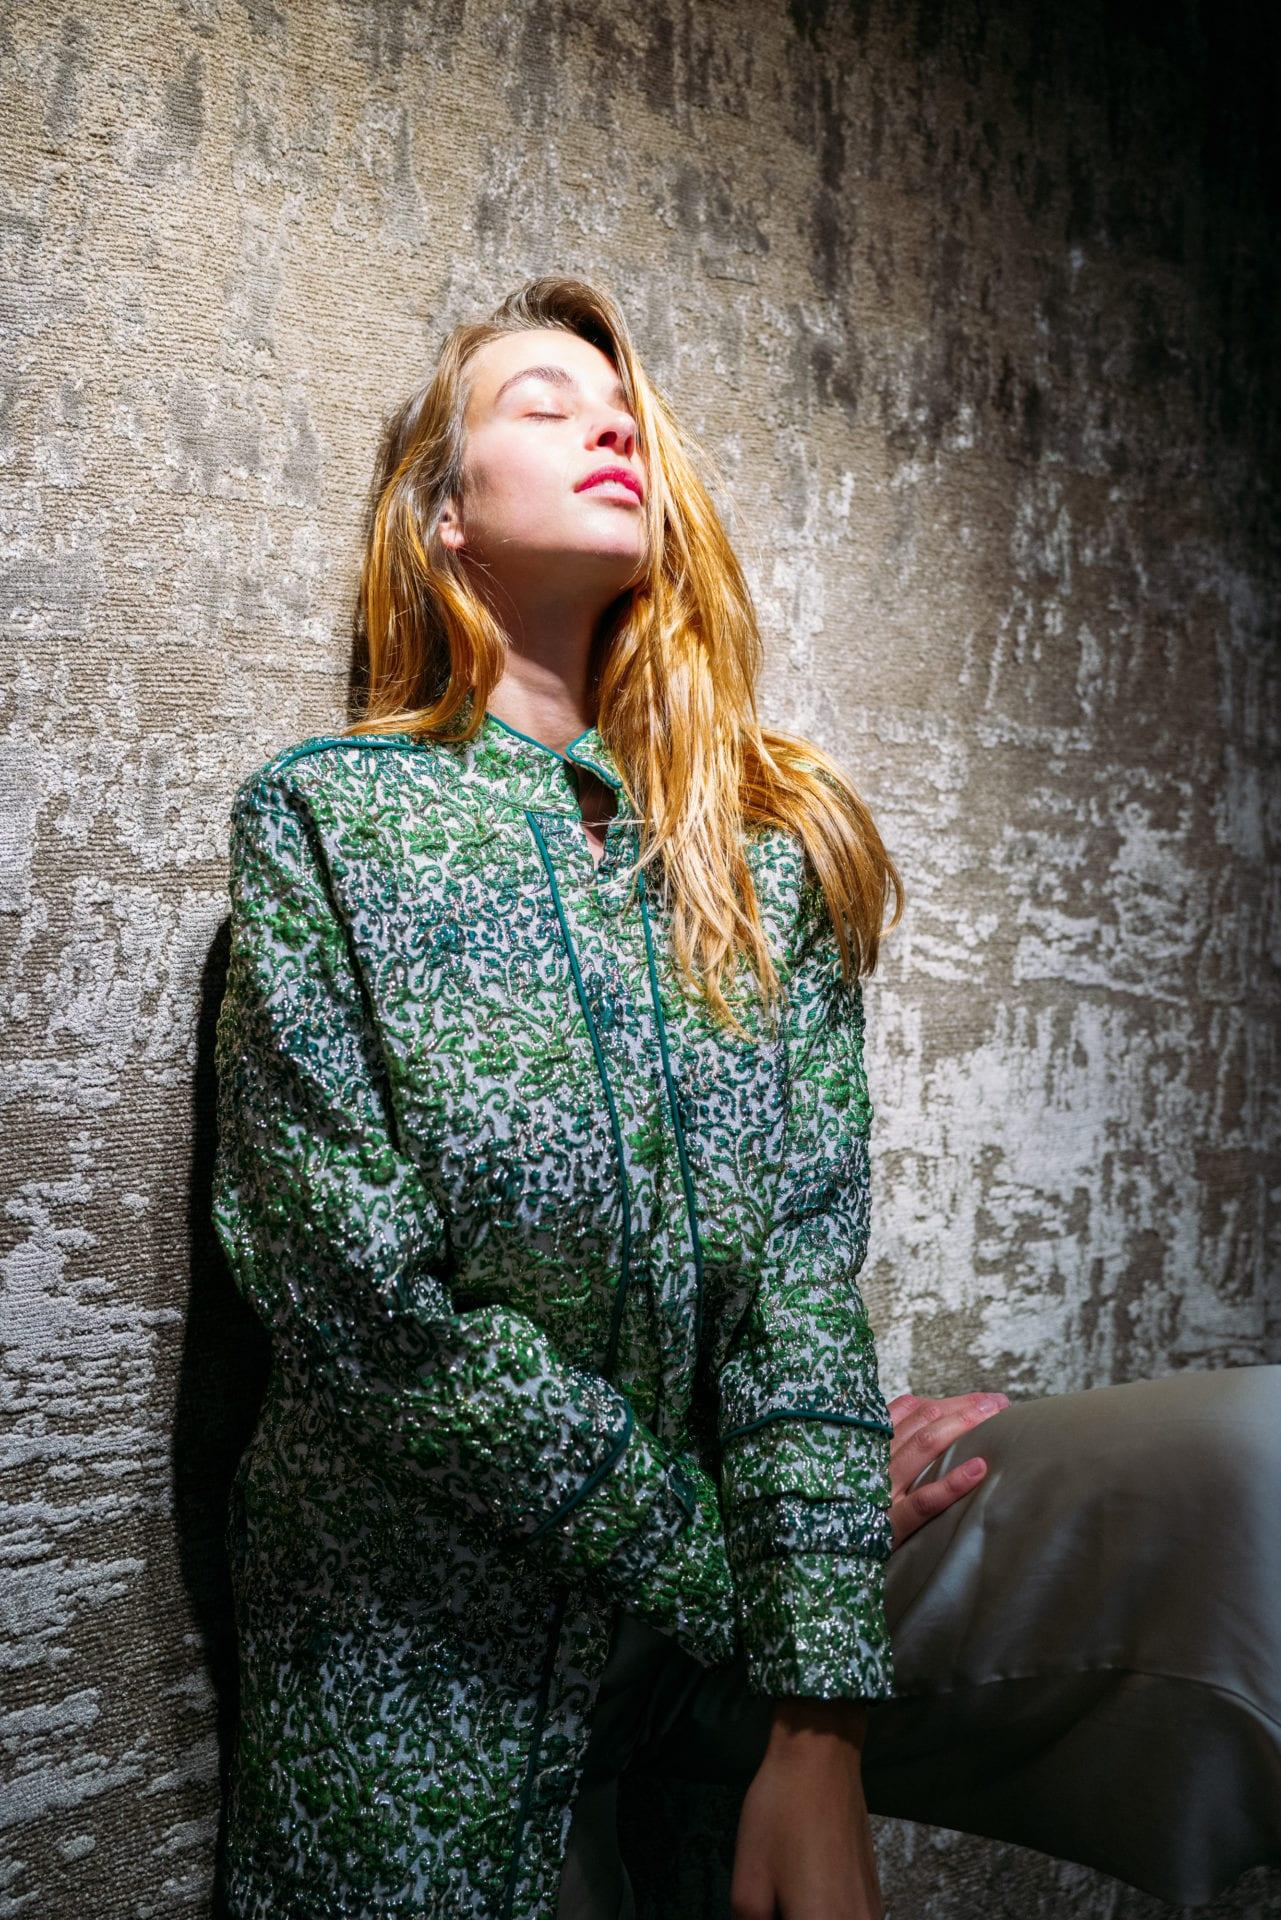 Model Deborah Ghys wearing Diana d'Orville luxury brocade jacket in emerald, cream & metallic gold